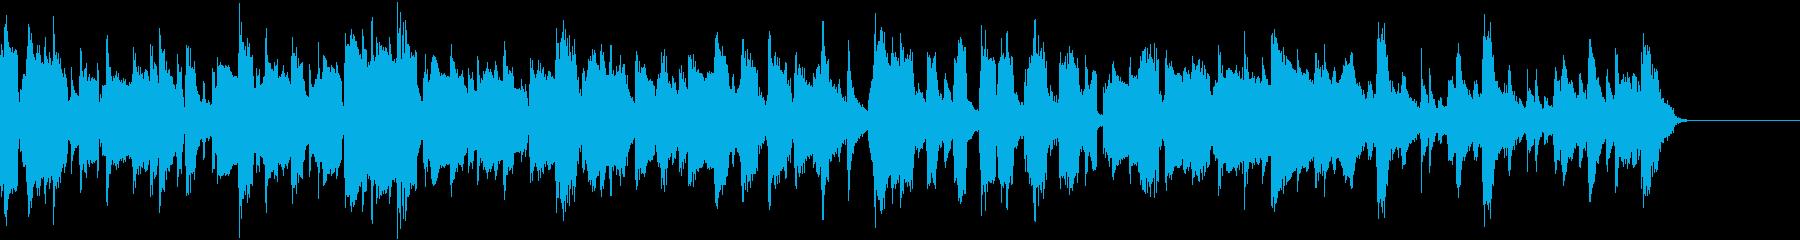 アイリッシュフィドルによるカントリー曲の再生済みの波形